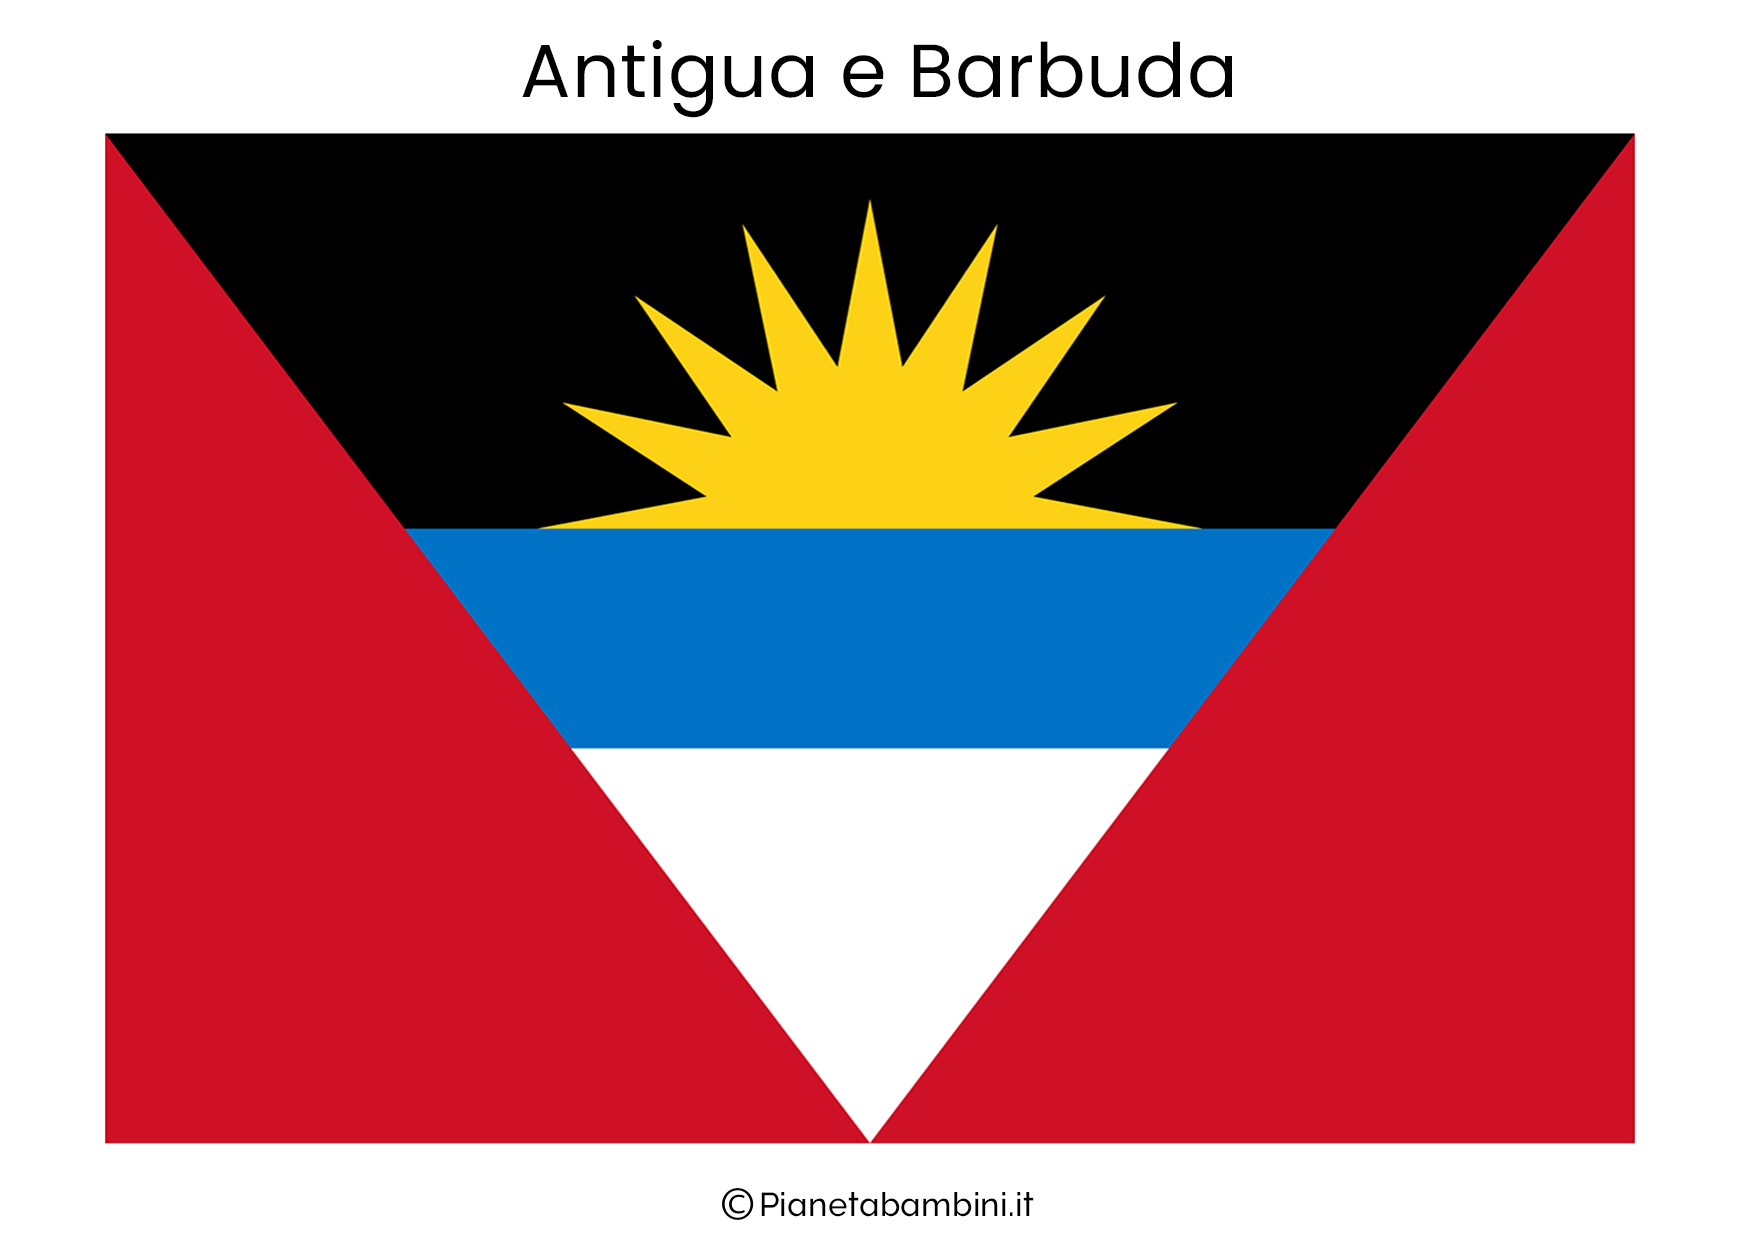 Bandiera di Antigua e Barbuda da stampare